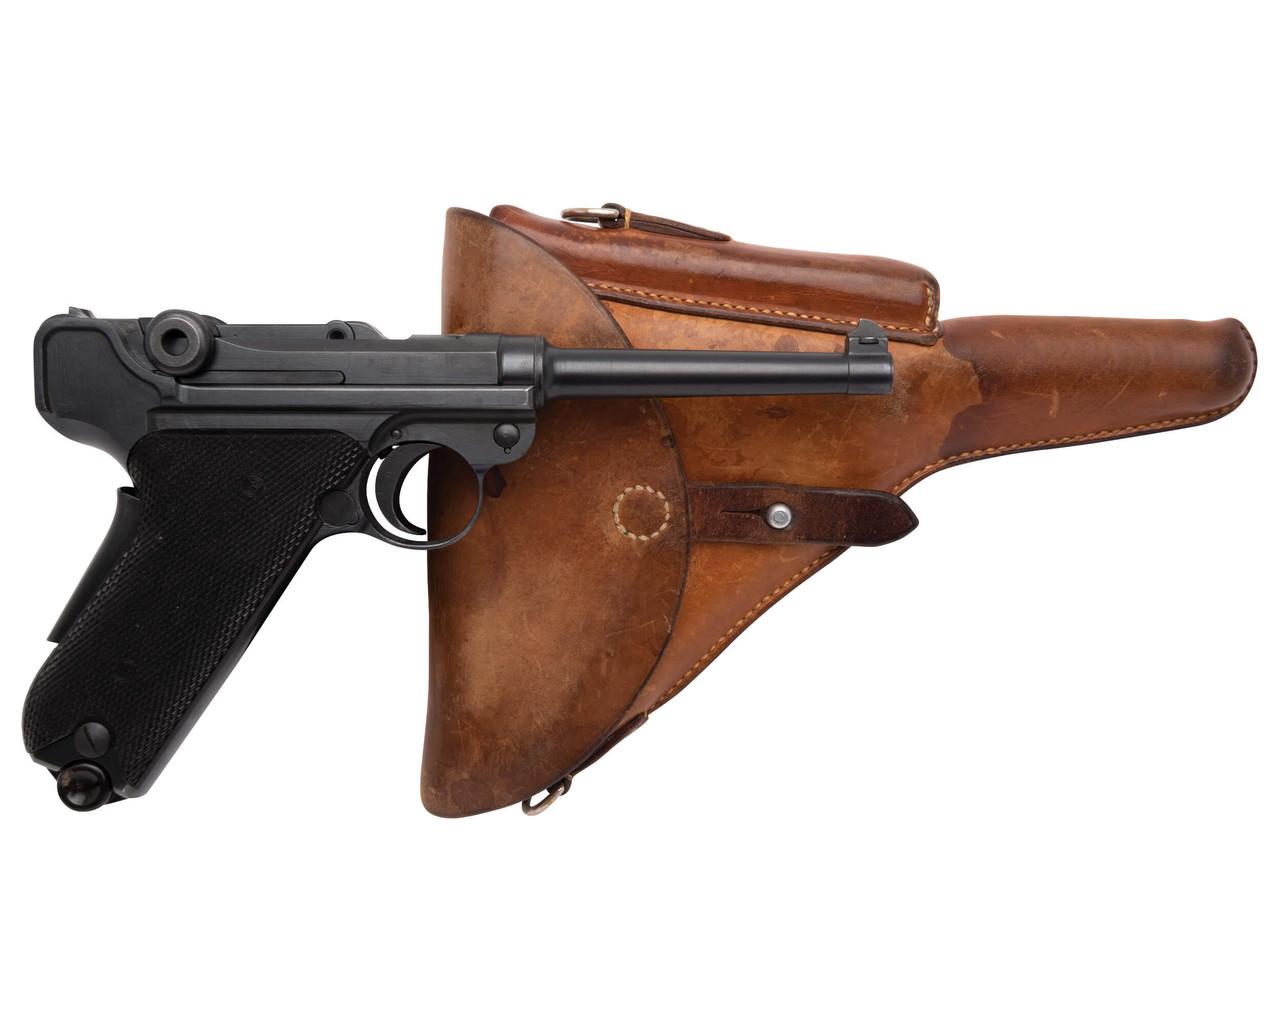 W+F Bern Swiss 06/29 Luger w/ Holster - sn 75xxx